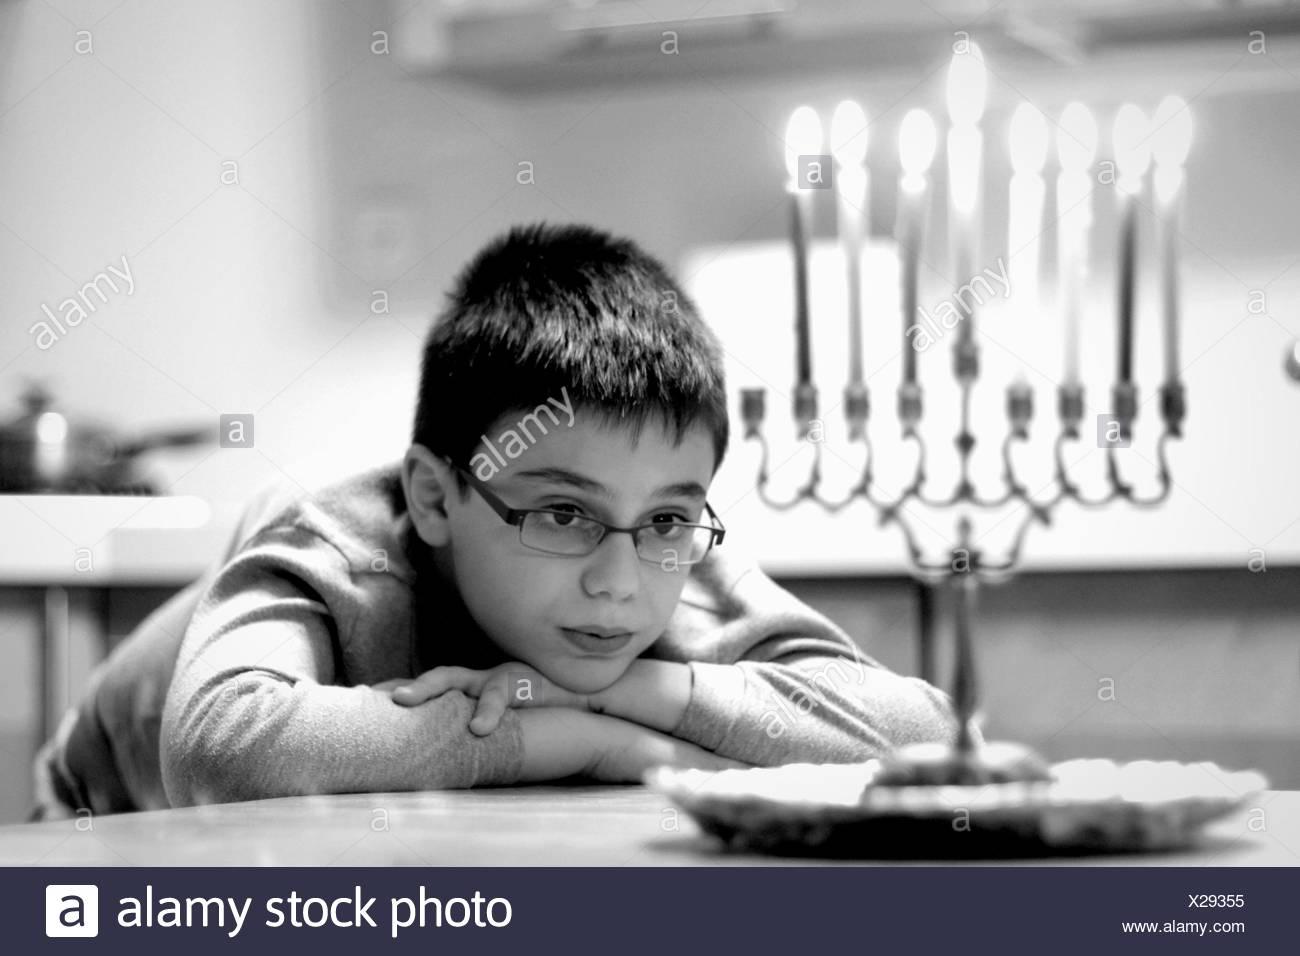 Süsser Boy Blick auf Kerzen beim Sitzen am Tisch zu Hause Stockbild